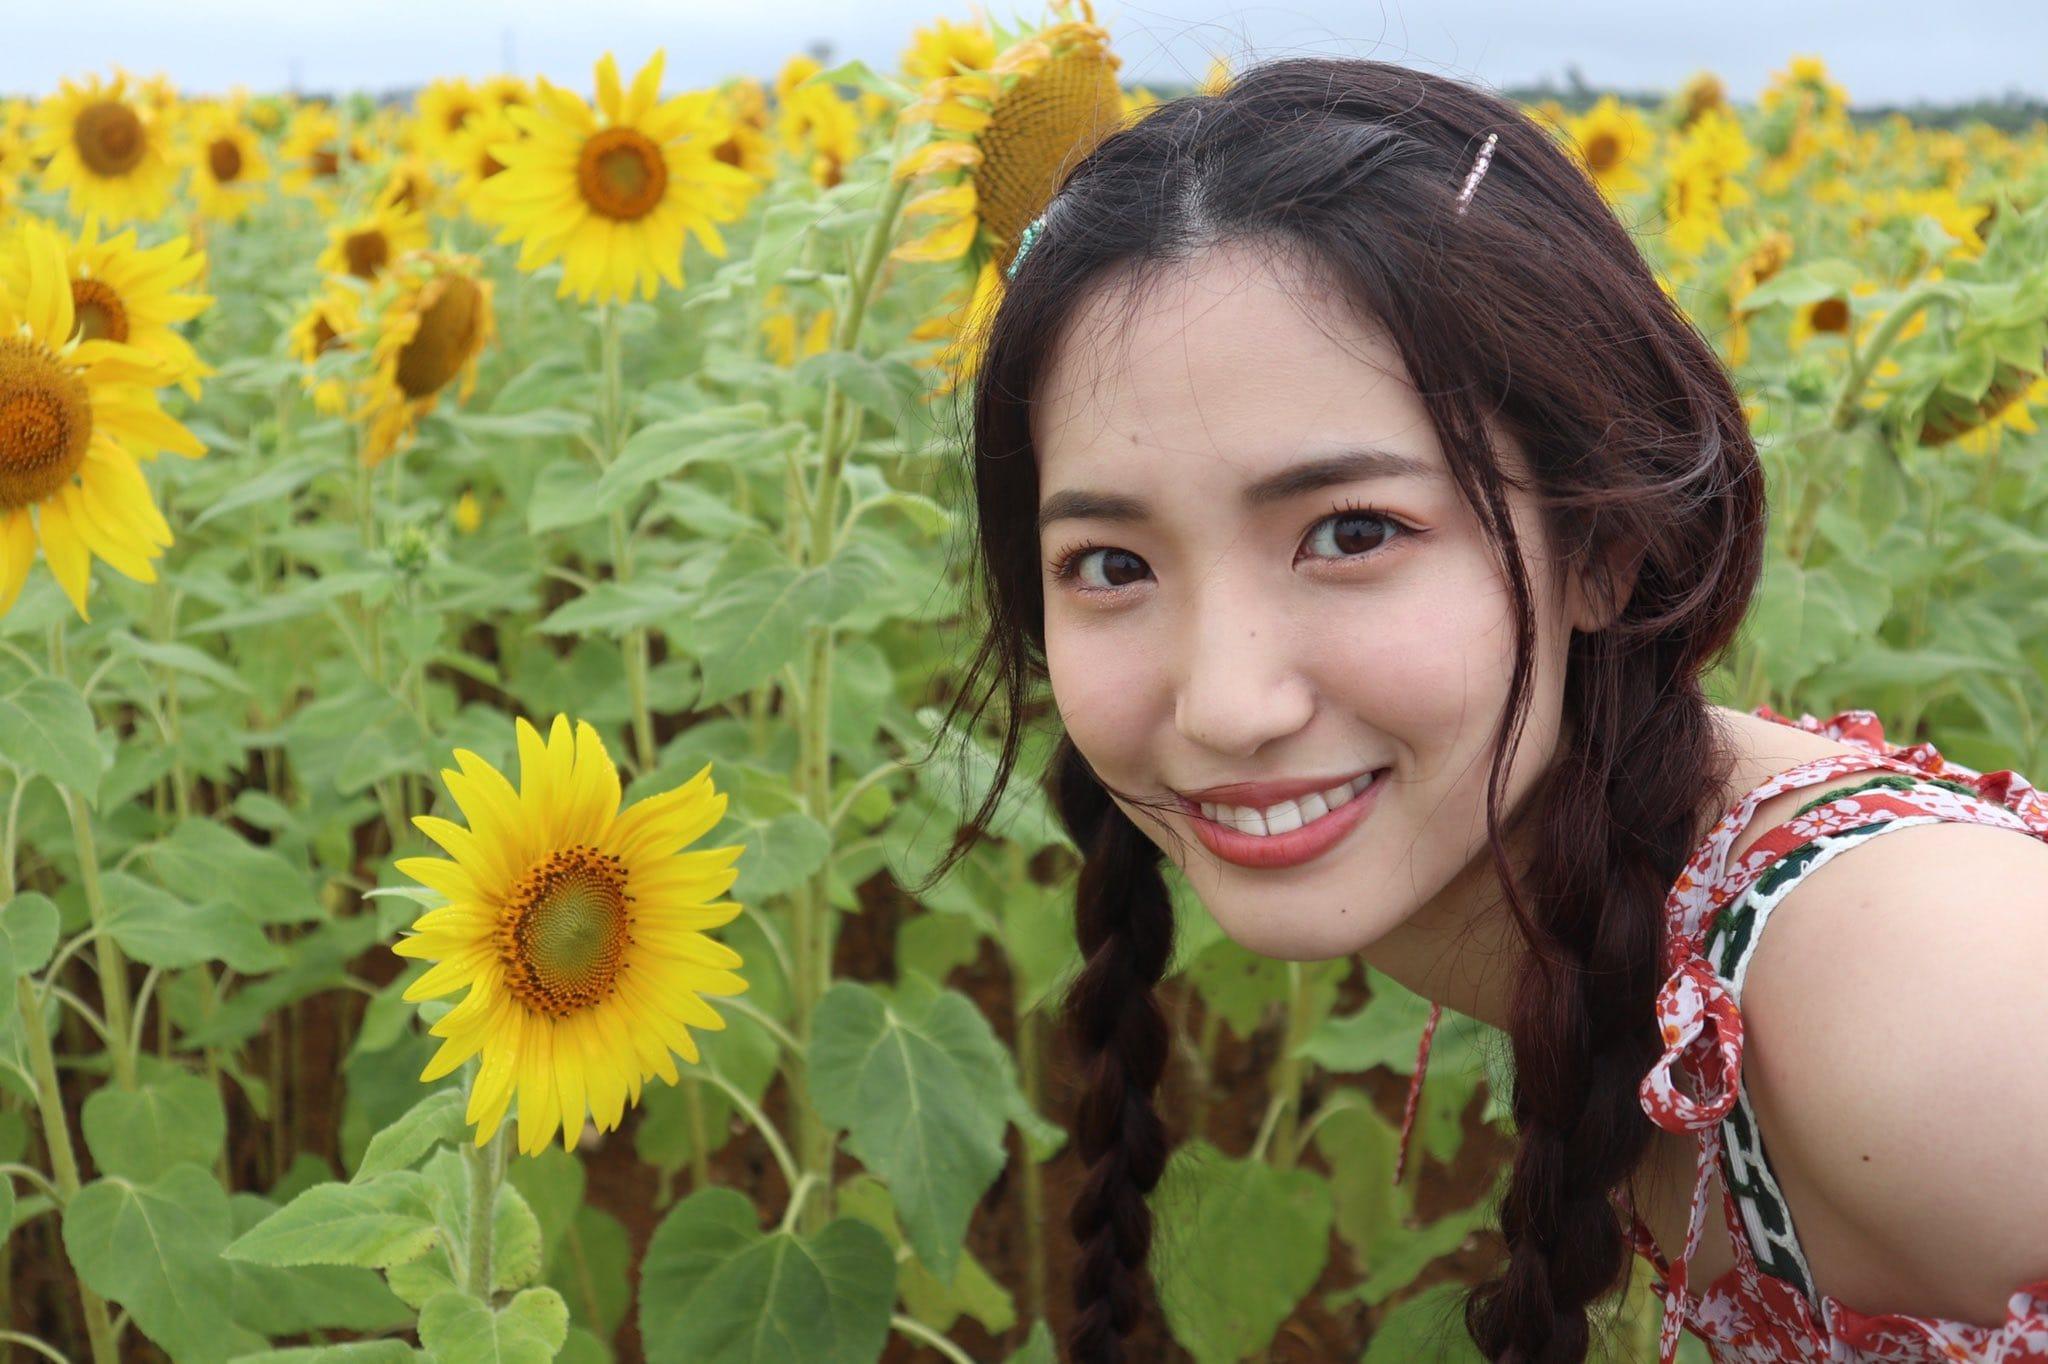 AKB48下尾みう「撮影楽しかったな」山根涼羽との水着ツーショットにファン興奮【画像4枚】の画像003